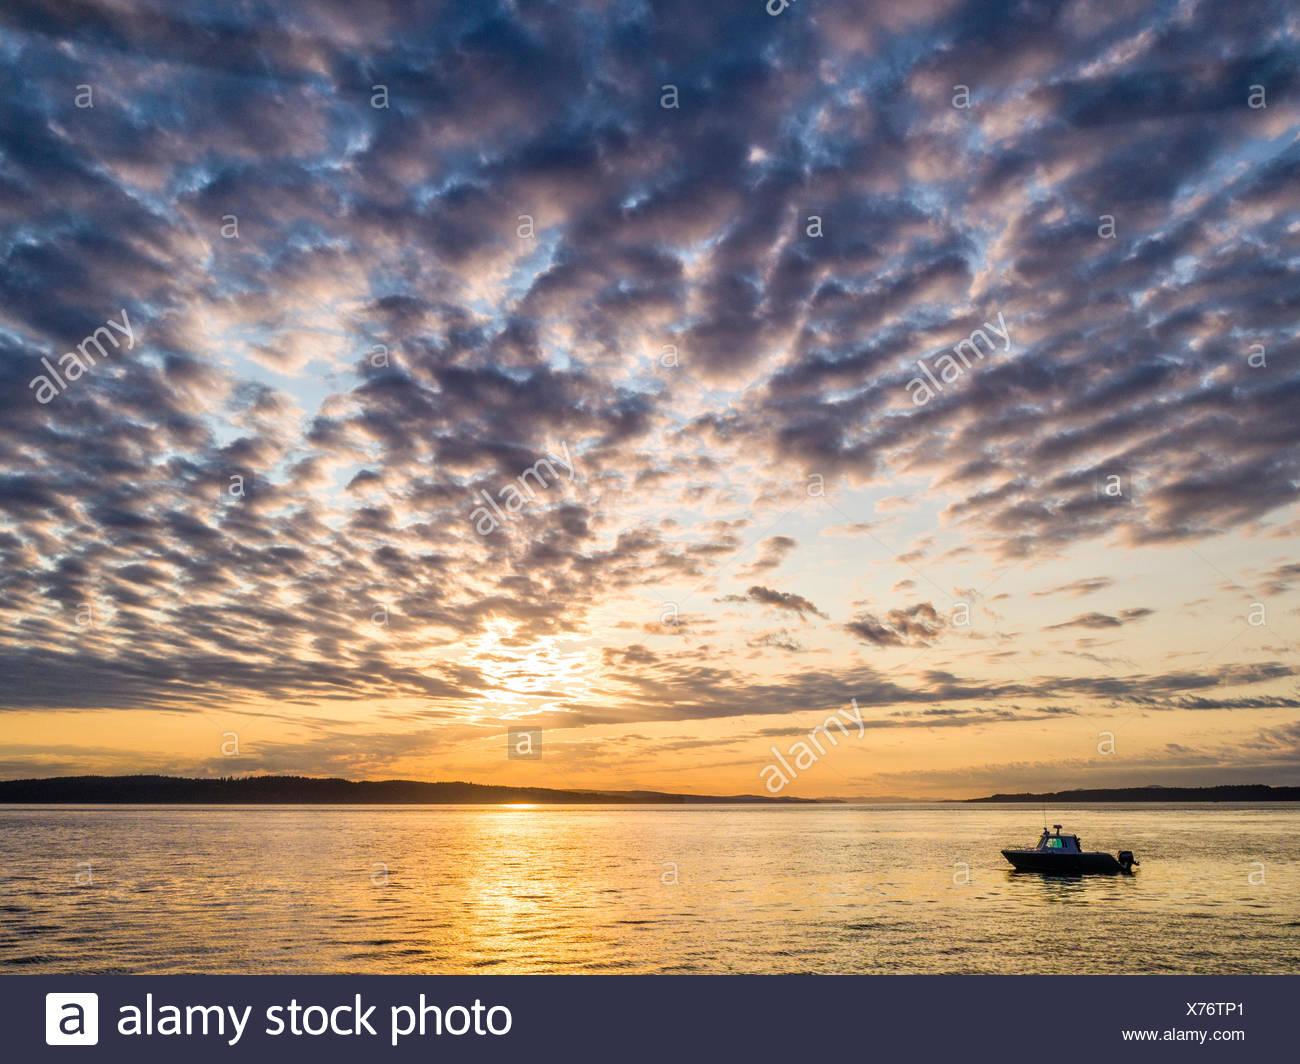 """Il 'luce ambiente """" tour in barca (Isola di Vancouver tour foto) durante il tour al tramonto nel passaggio weynton off nord isola di Vancouver, British Columbia, Canada Immagini Stock"""